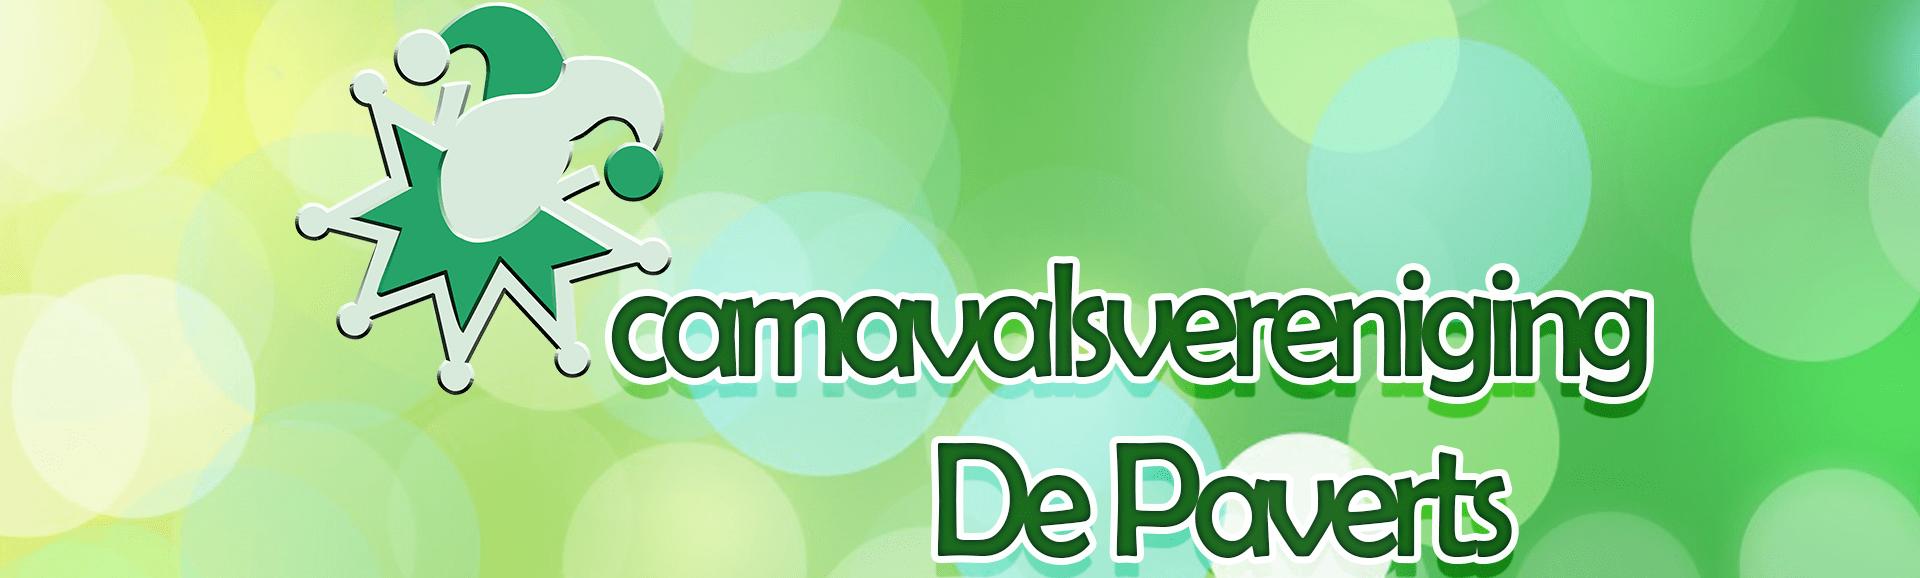 Paverts